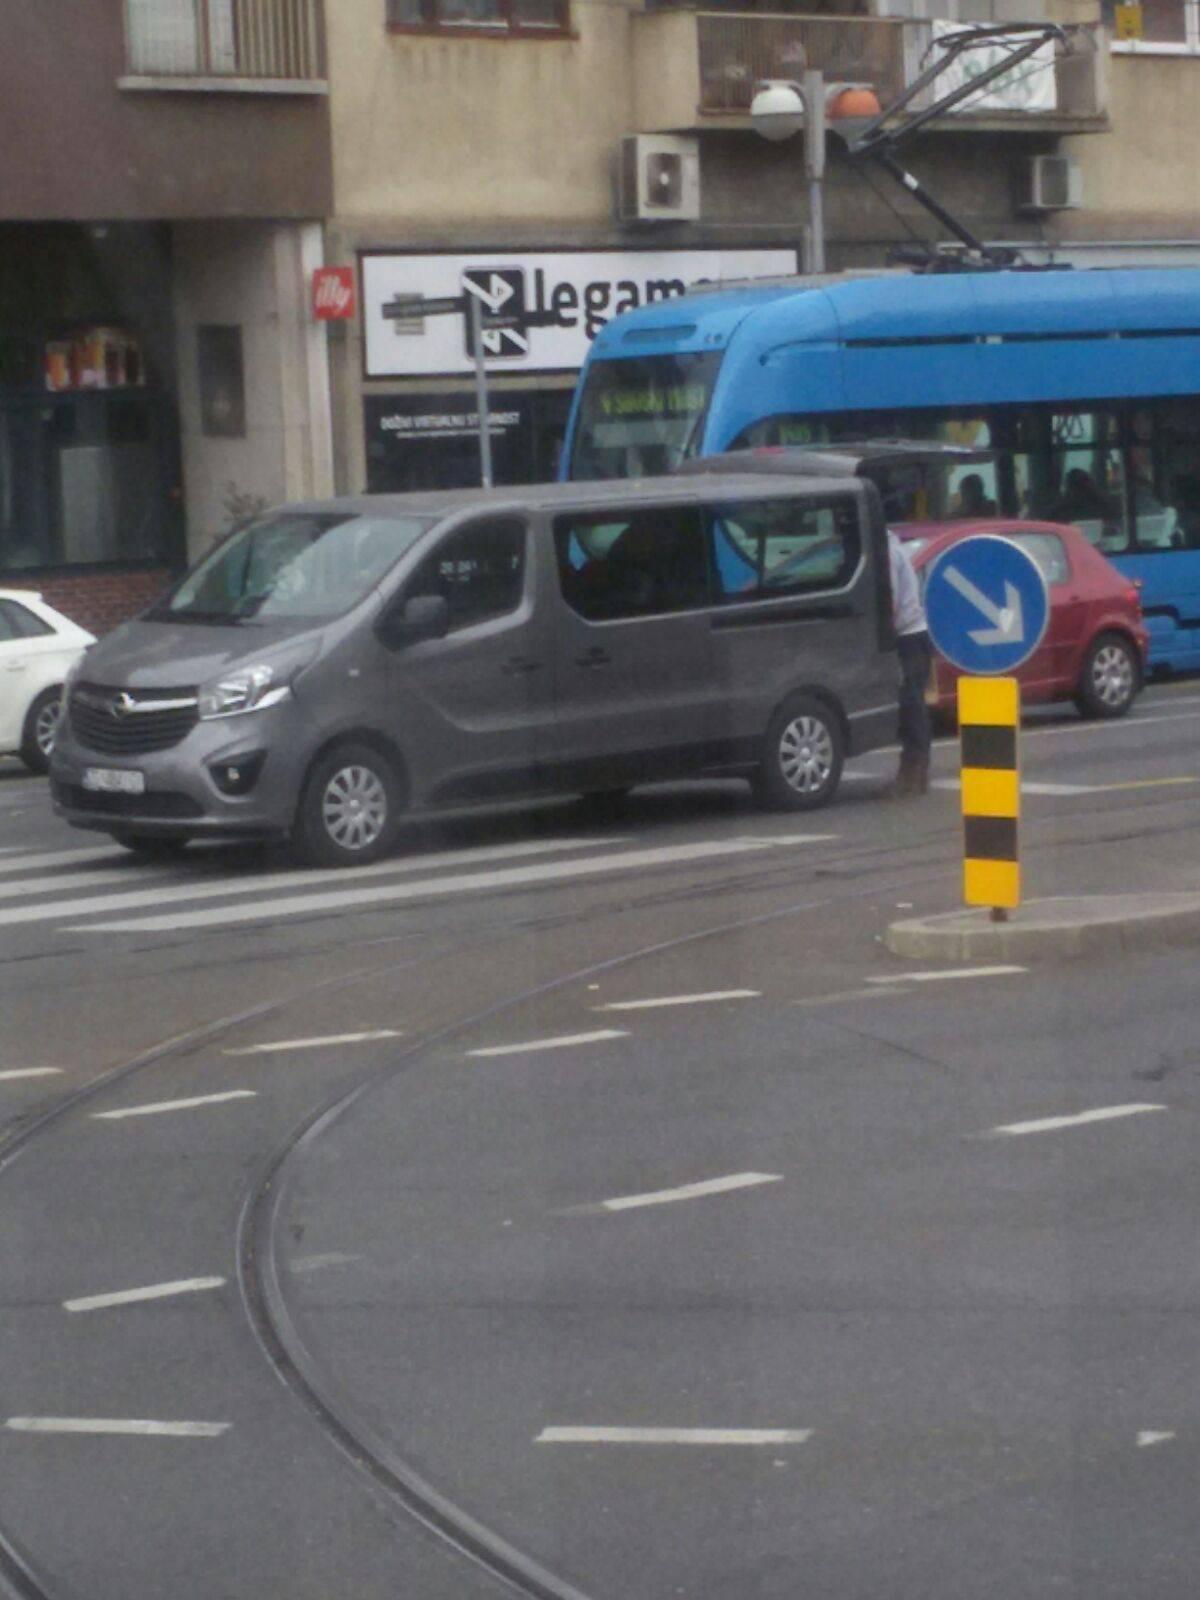 Iz kombija im ispao ormar  nasred prometnog raskrižja u Zagrebu